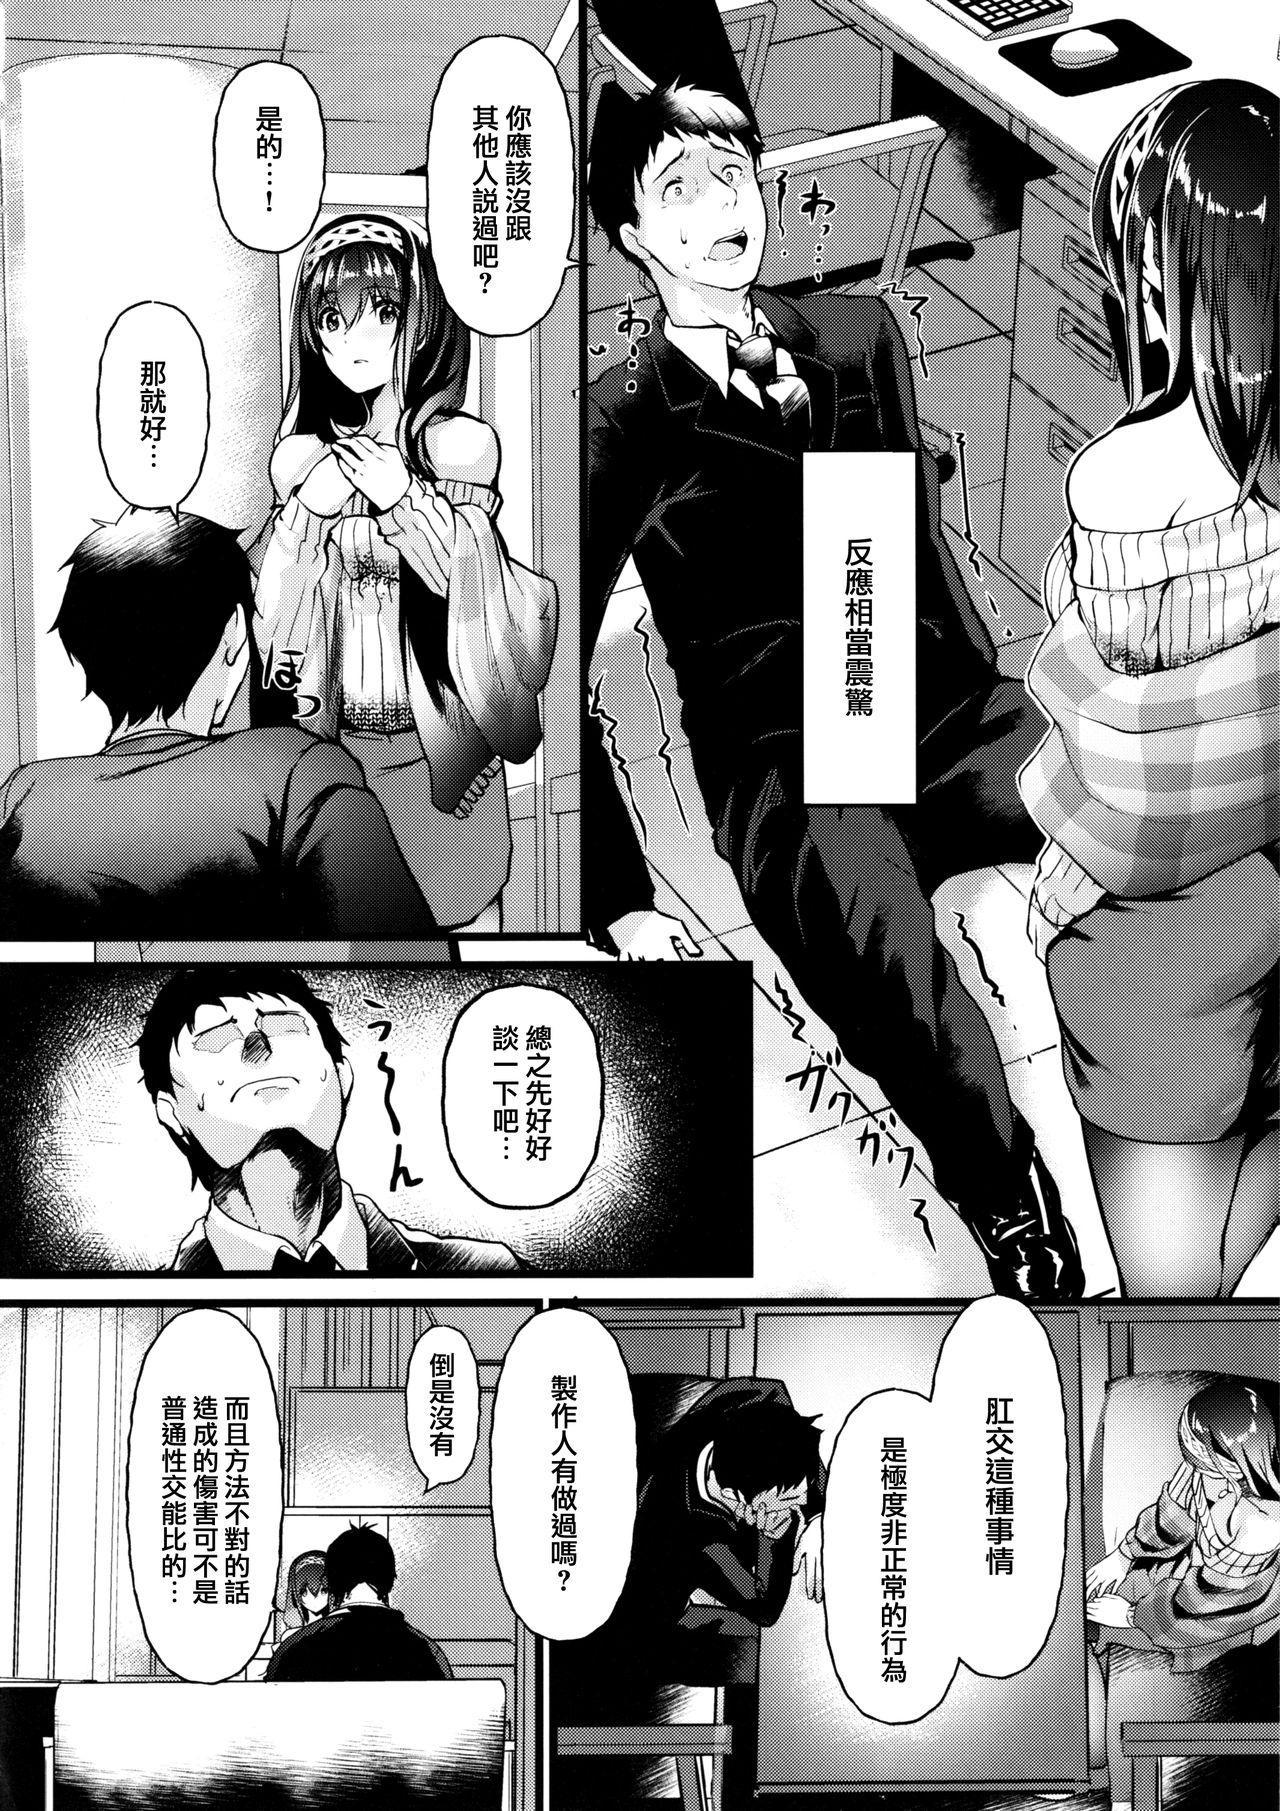 Oshiri ga Kimochi Ii tte... Hontou... desu ka? 5